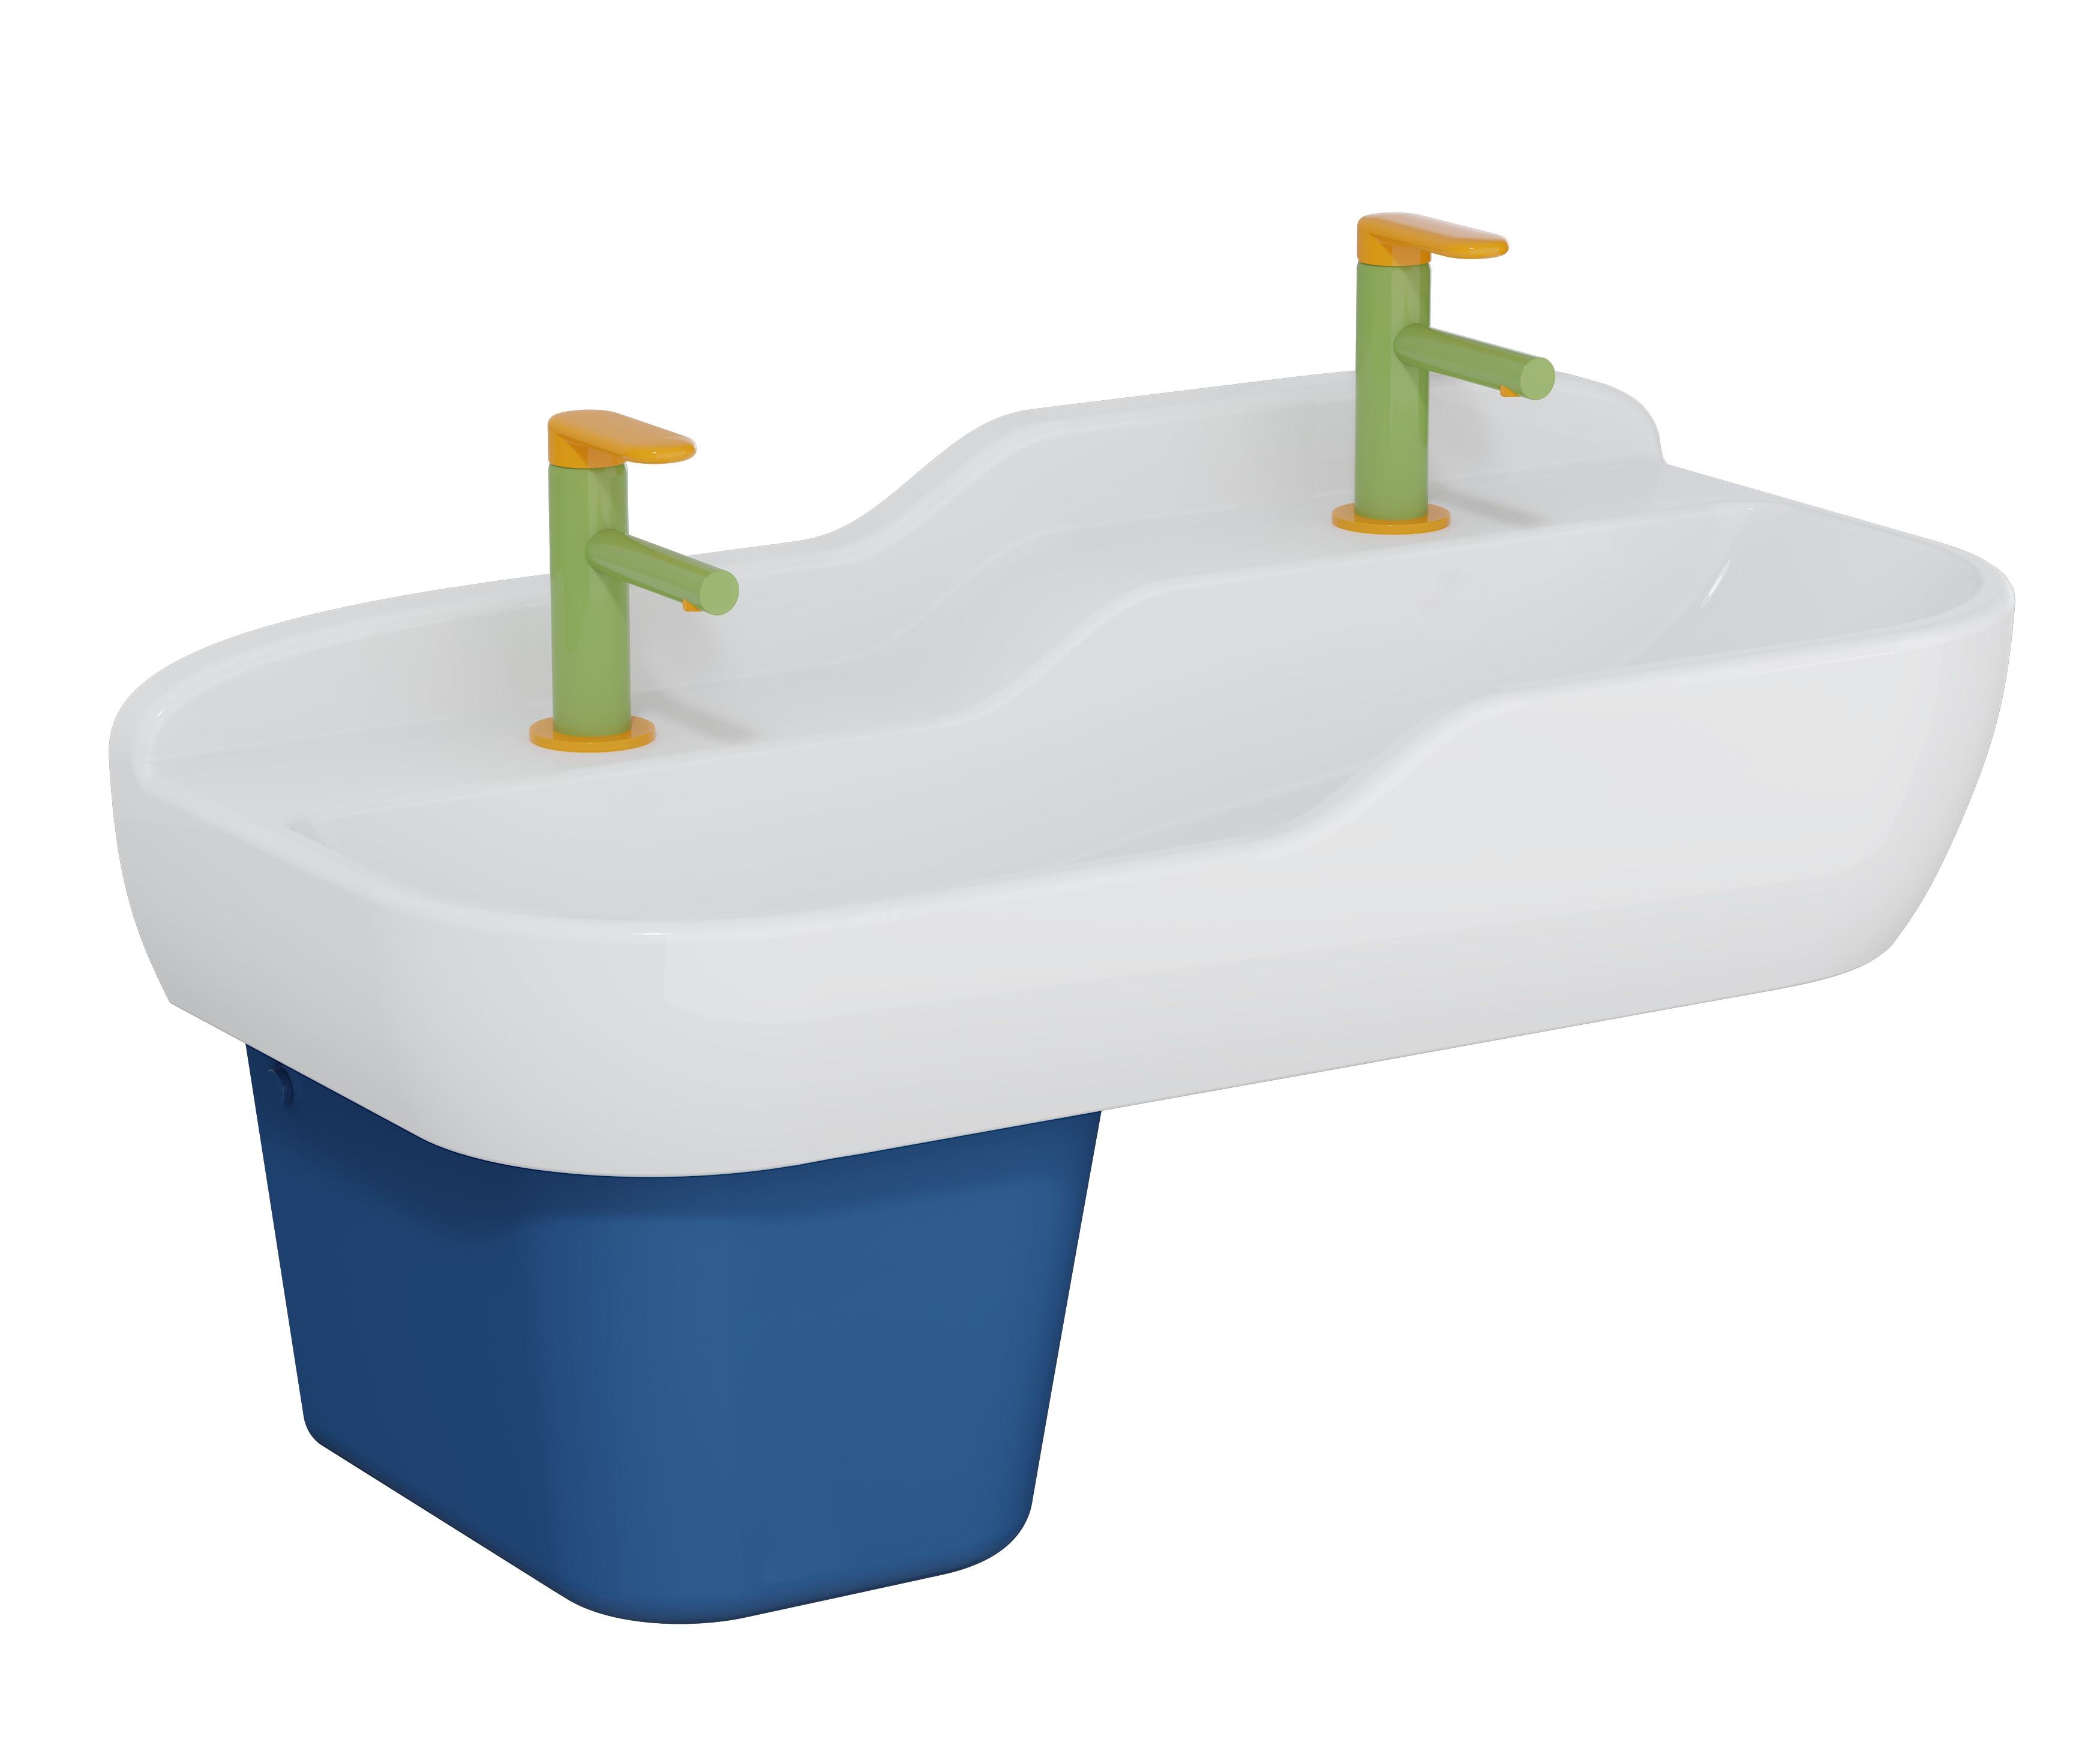 Sento Kids lavabo double, 85 cm, 2 hauteurs, sans trop-plein, blanc